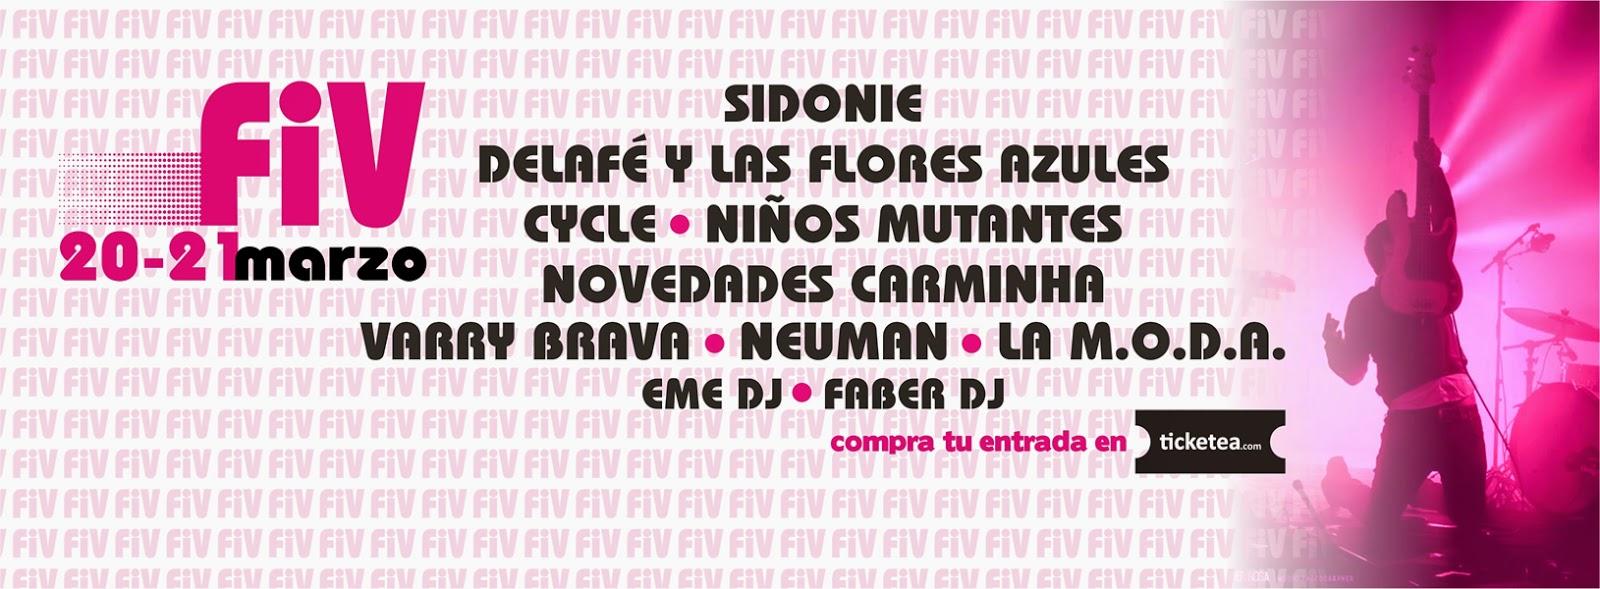 fiv festival 2015